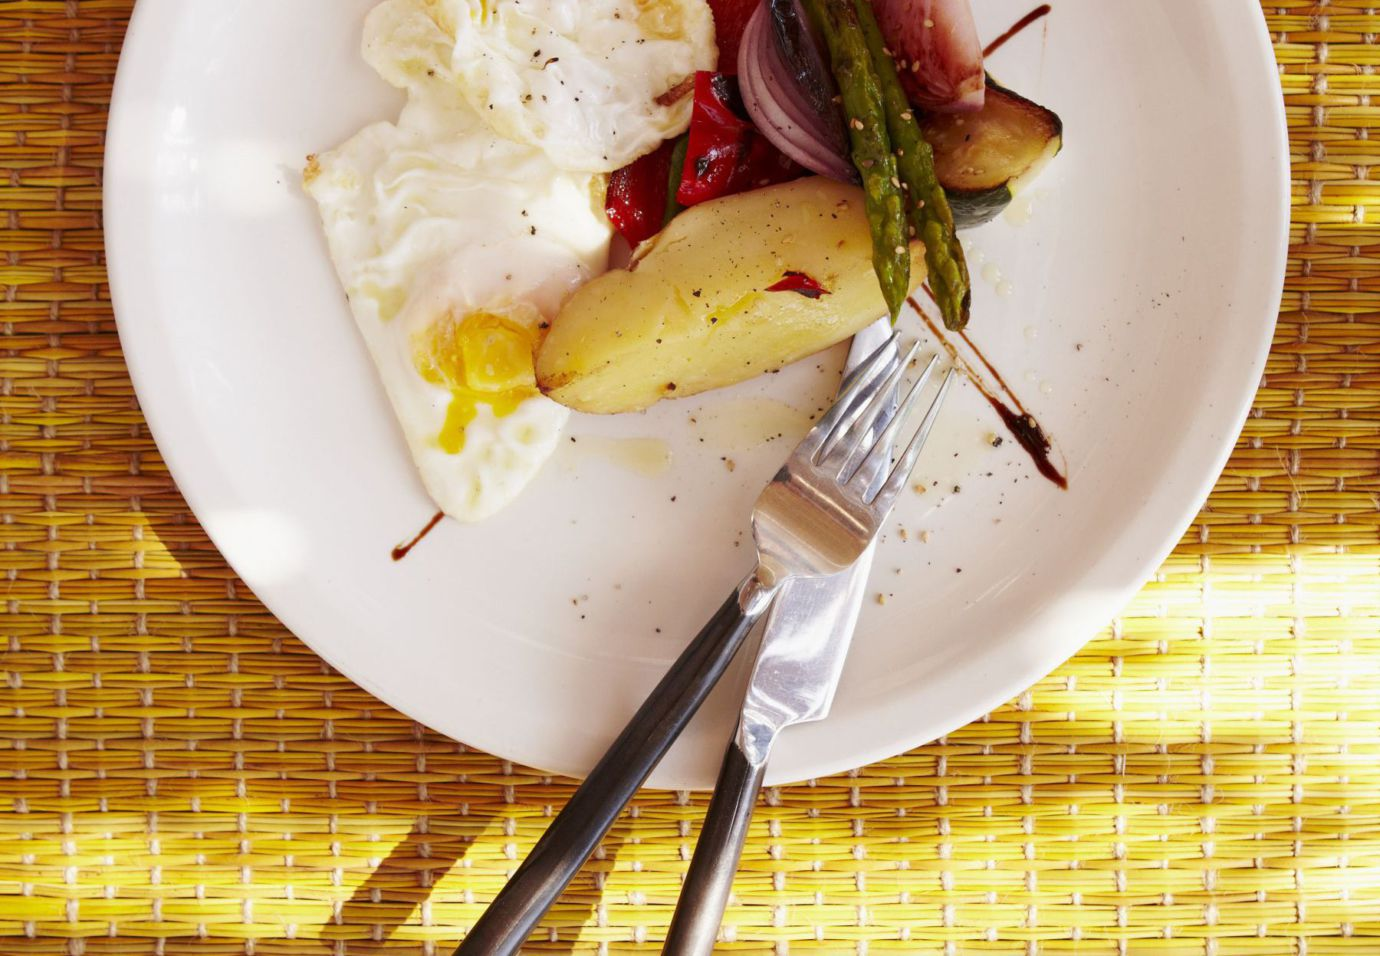 eitjes-baveuse-met-gegrilde-groenten-door-sofie-dumont